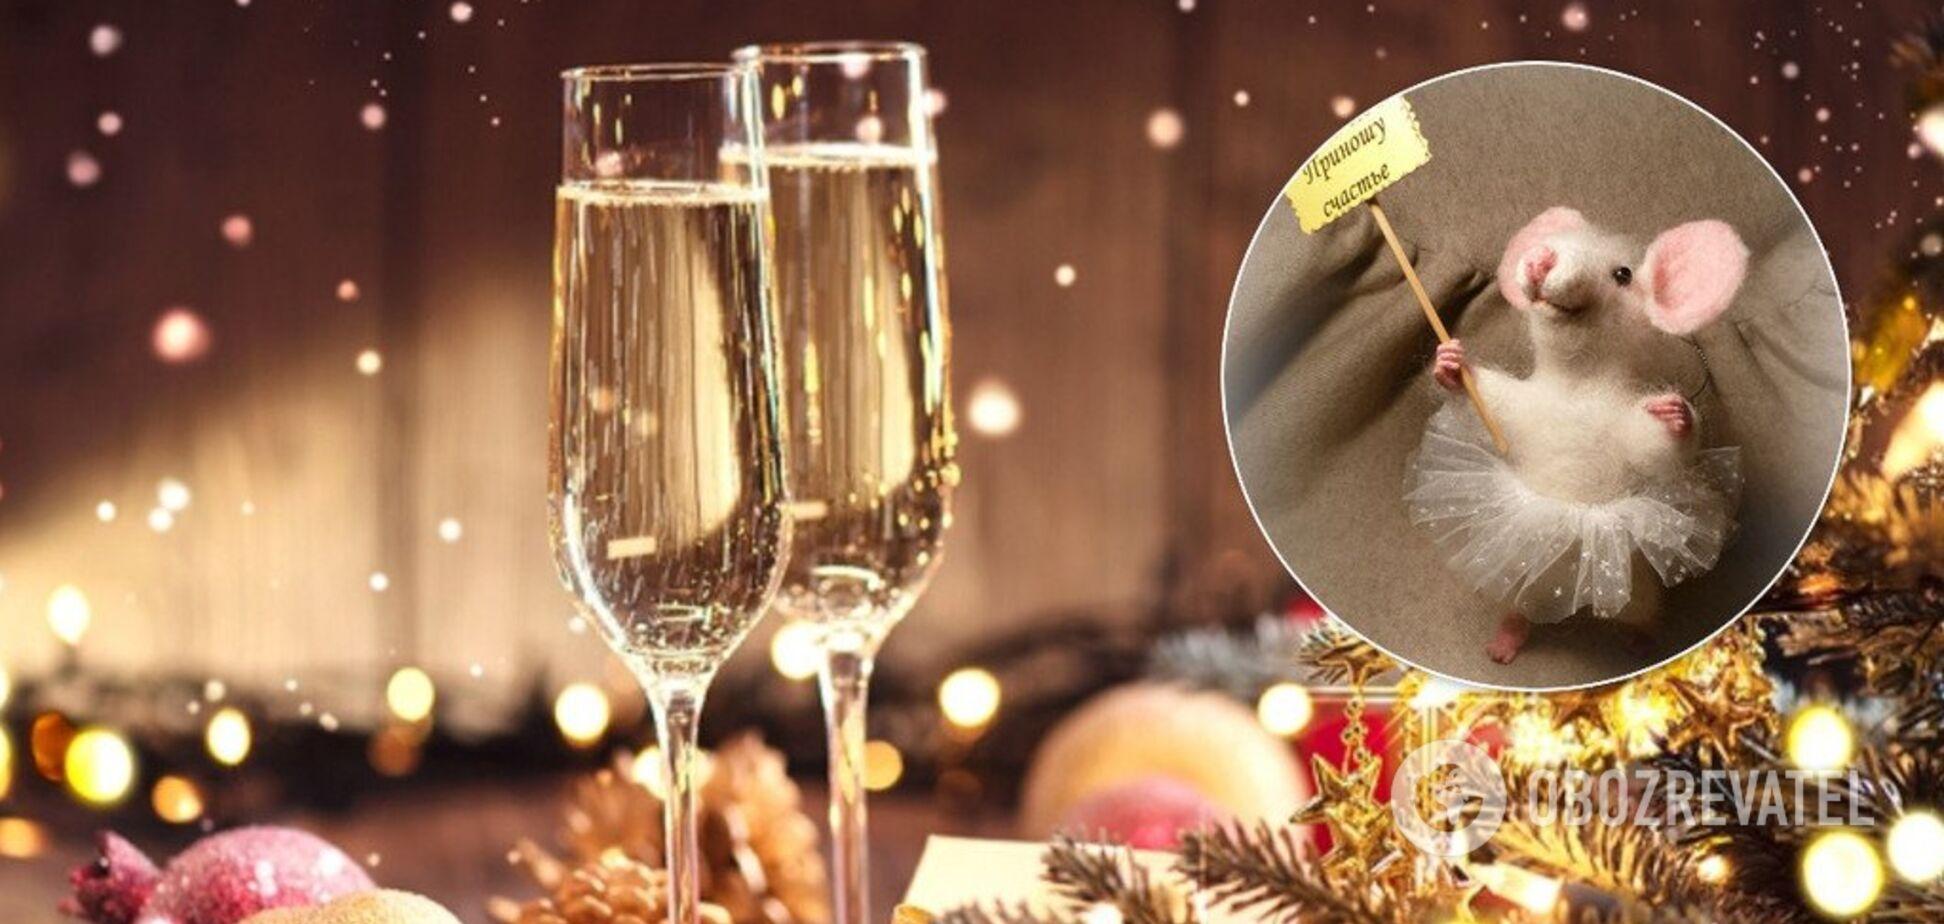 Год Крысы: чем запрещено украшать новогоднюю ёлку